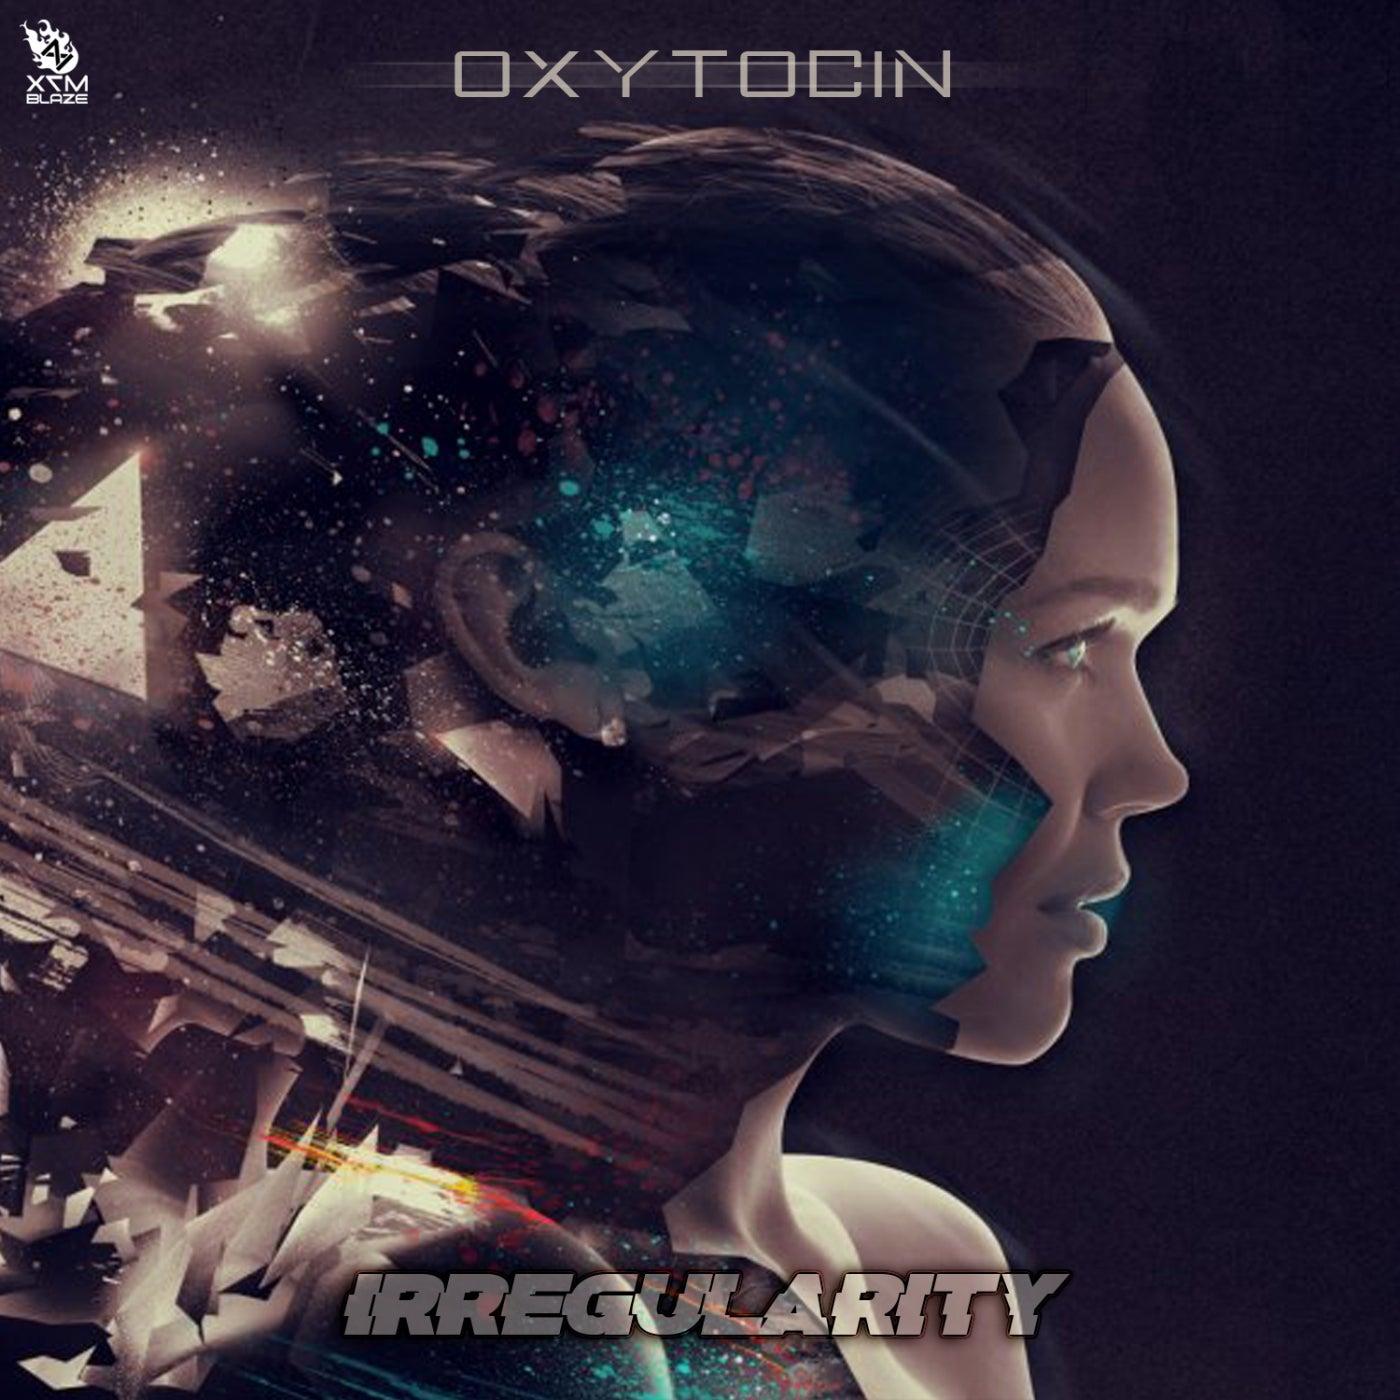 Irregularity (Original Mix)